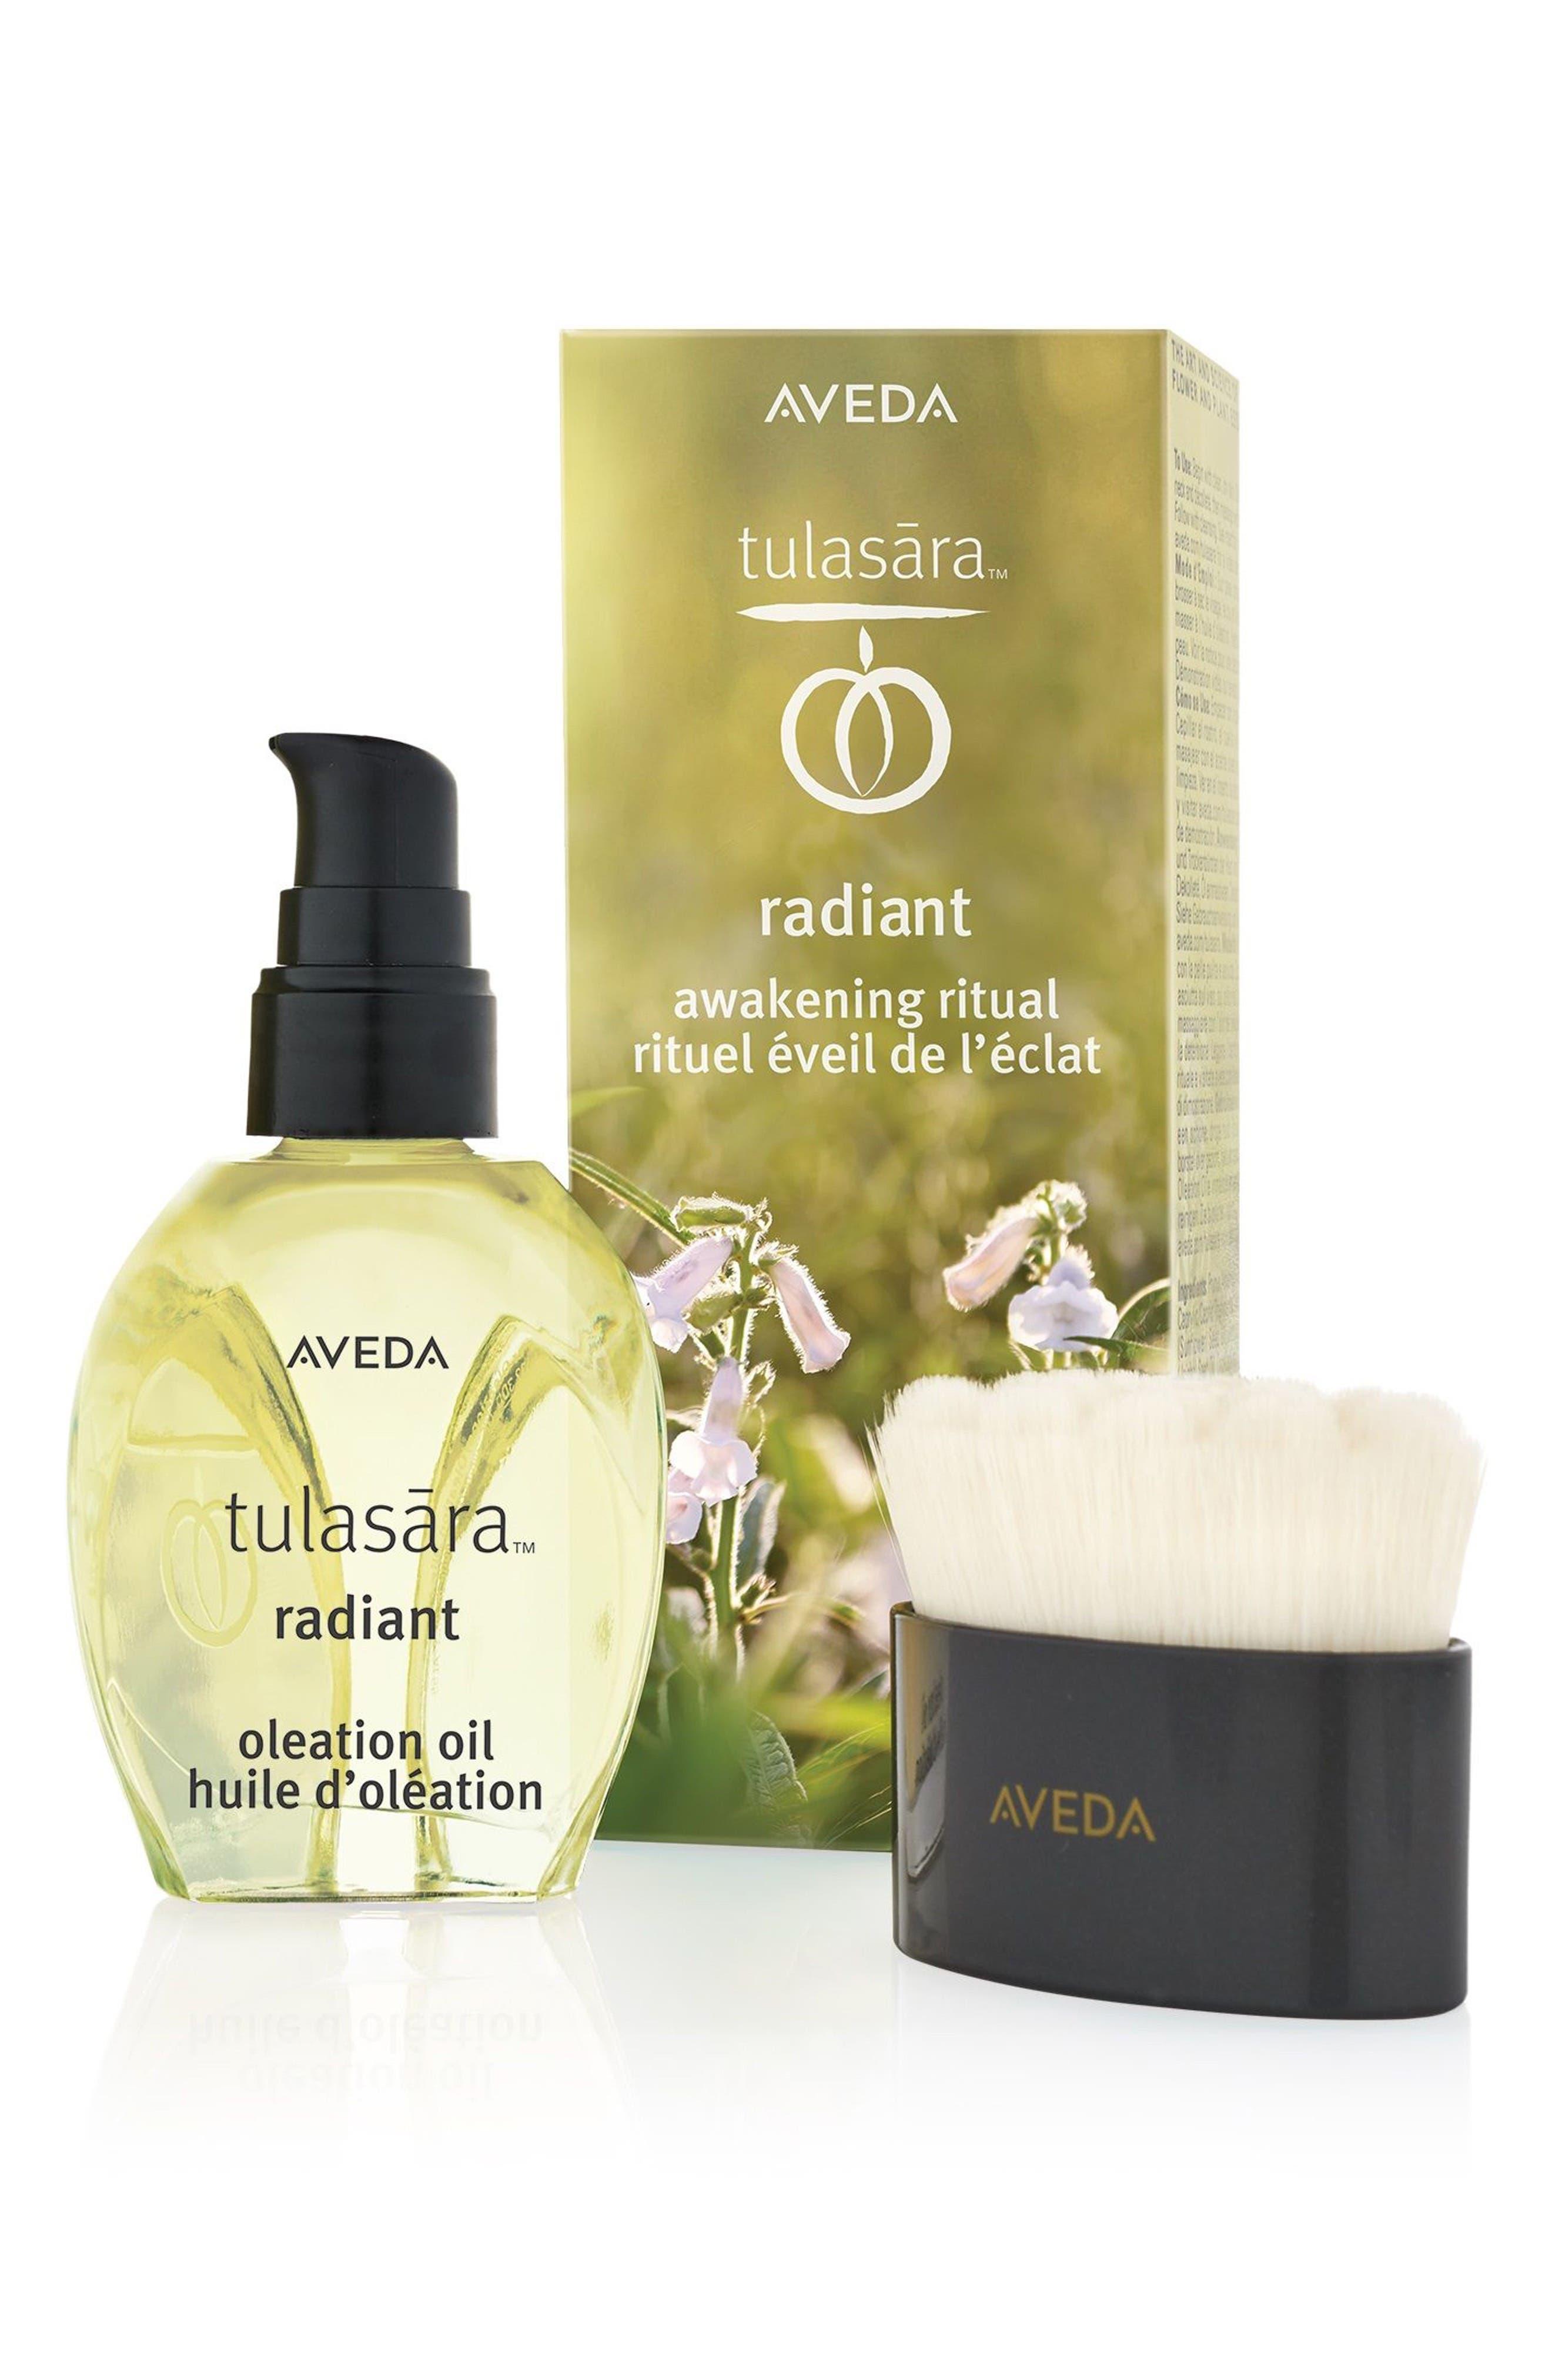 Aveda 'tulasara™' Radiant Awakening Ritual Kit